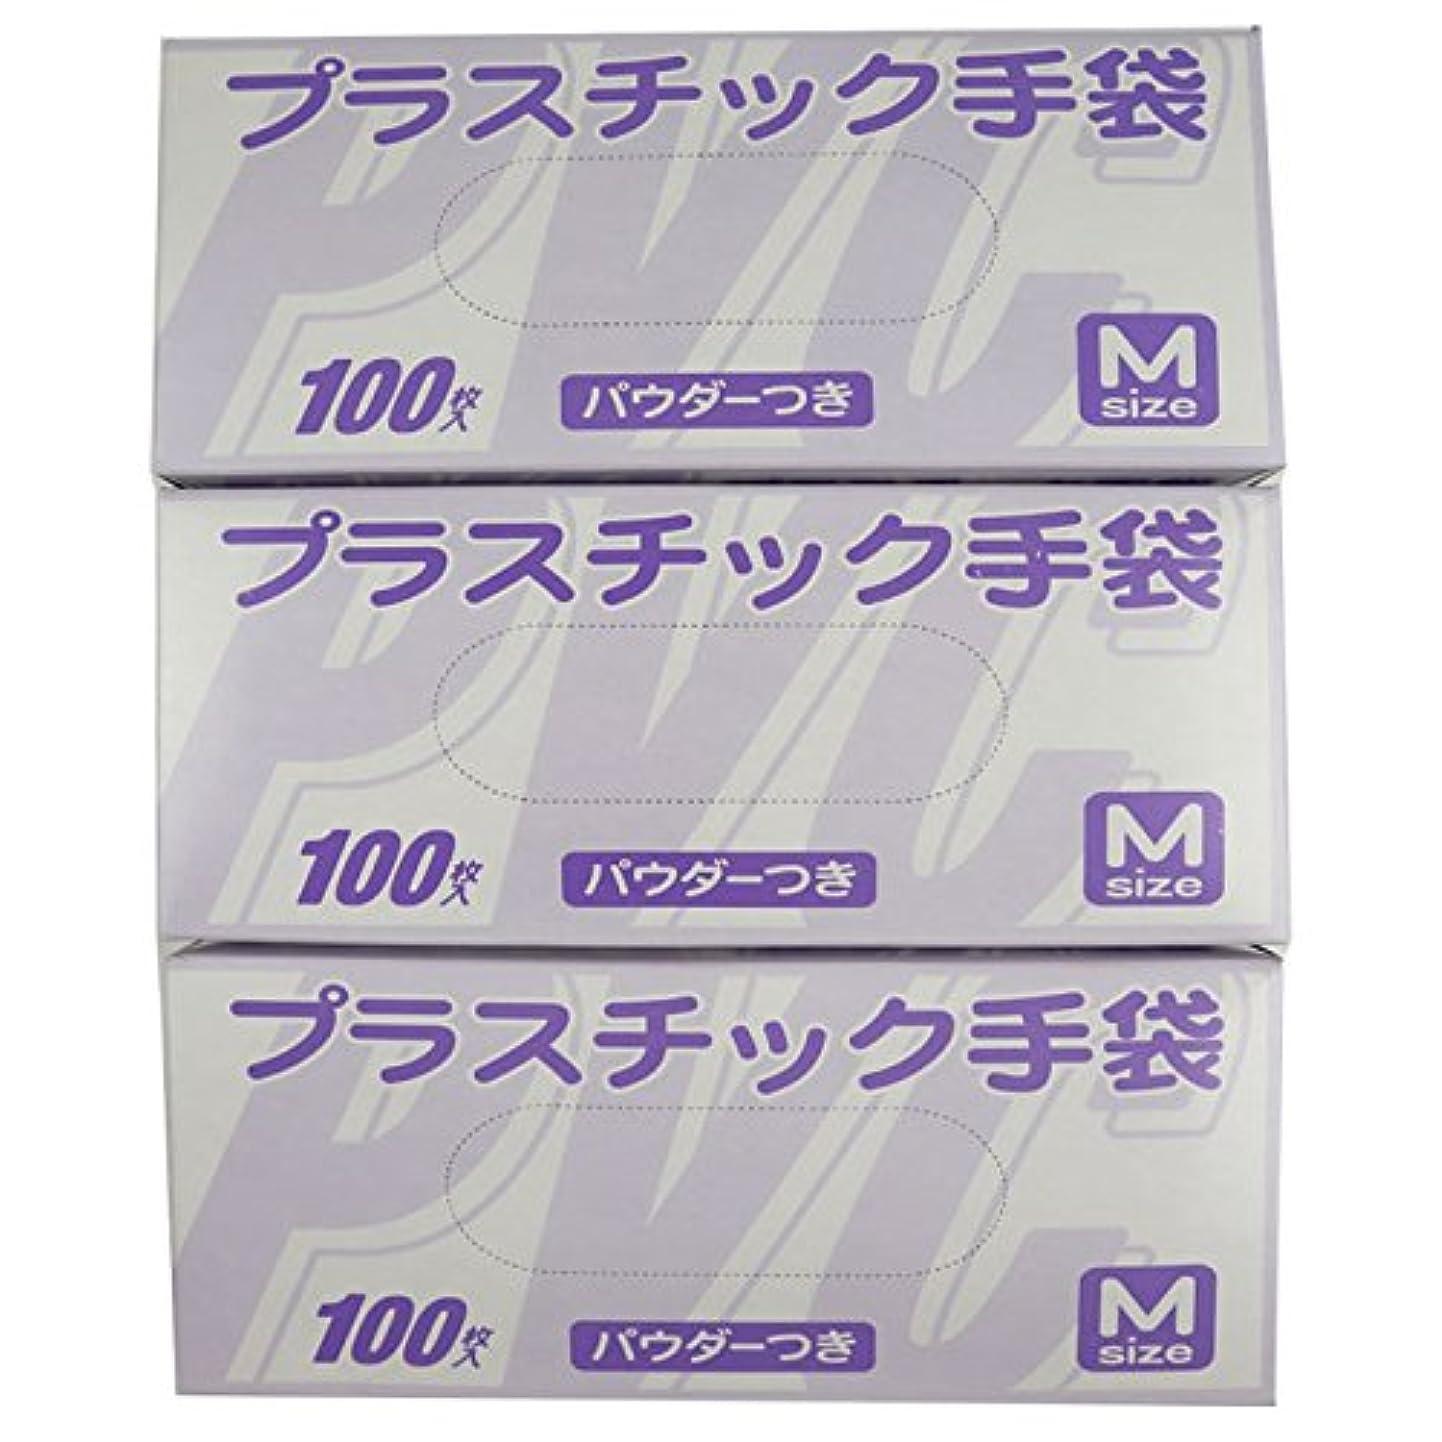 ハロウィン小麦粉ポーン【お得なセット商品】(300枚) 使い捨て手袋 プラスチックグローブ 粉付 Mサイズ 100枚入×3個セット 超薄手 破れにくい 101022